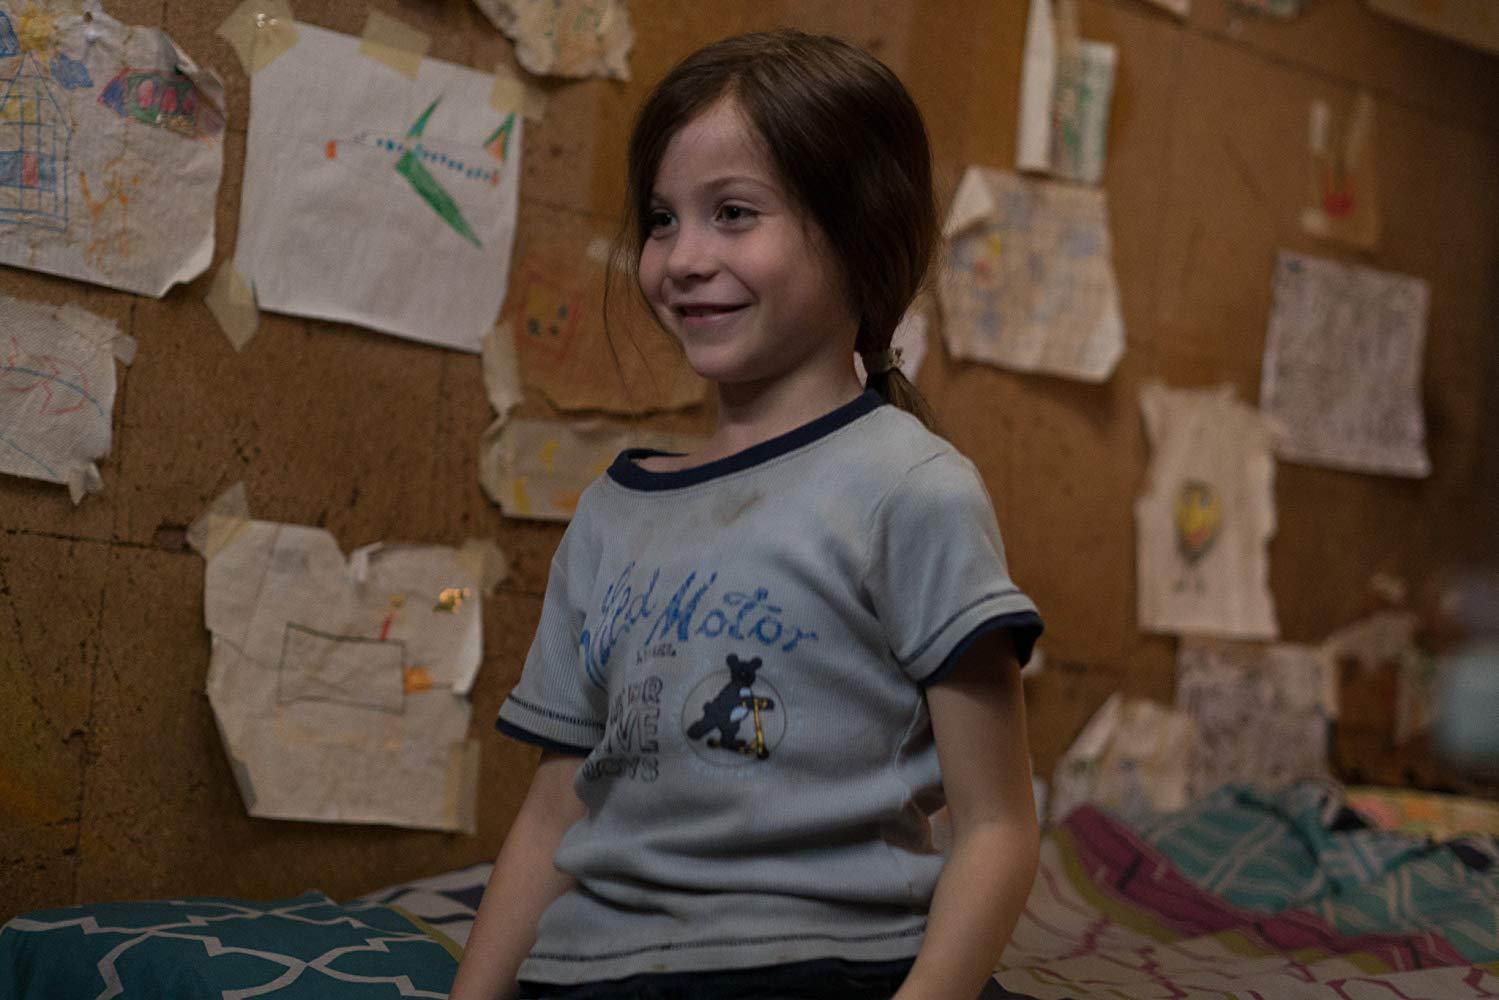 天才子役現る!ジャック役のジェイソン・トレンブレイの演技力は超人級